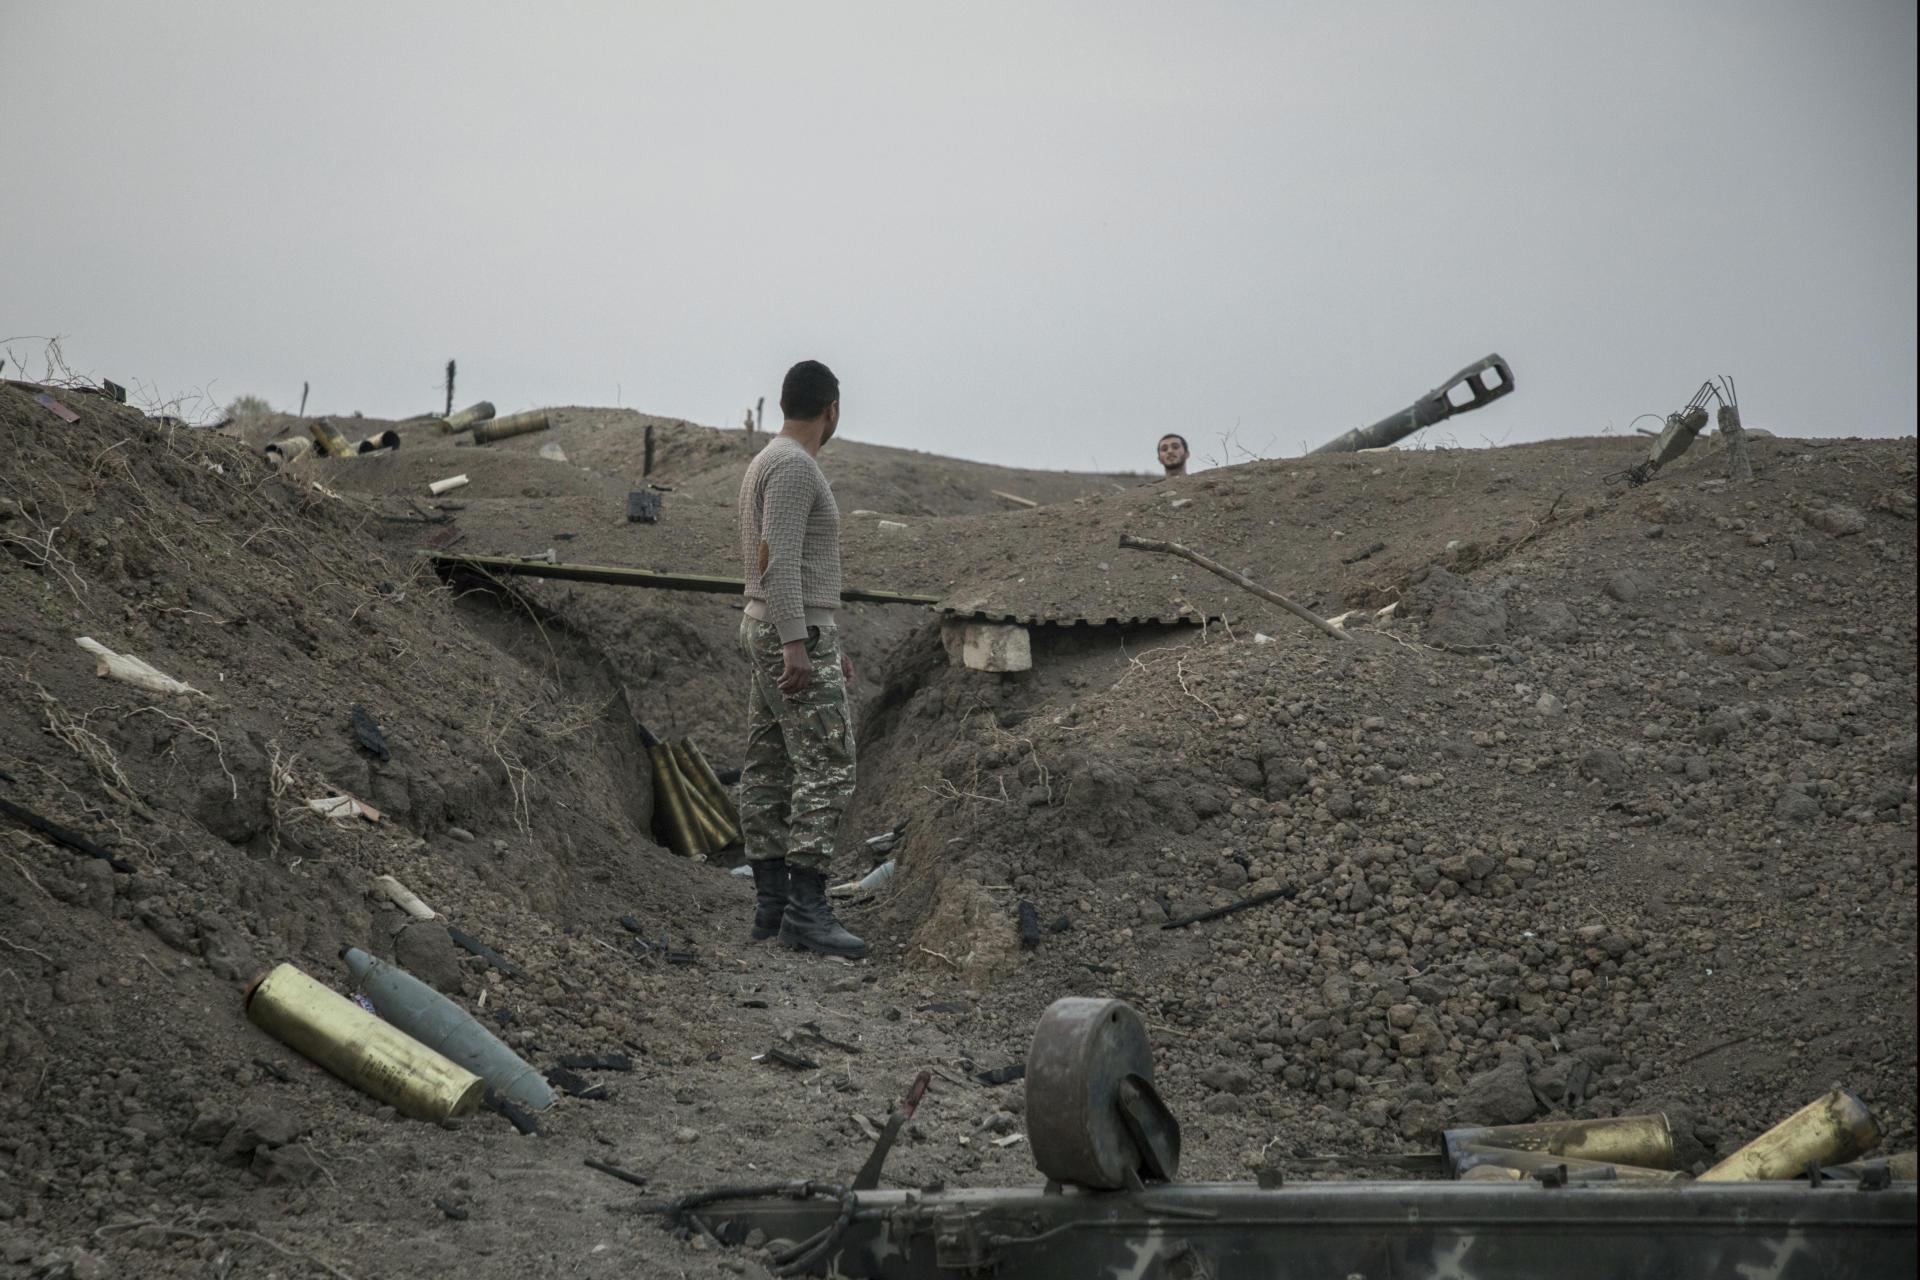 Une position d'artillerie surnommée « Stalingrad», bombardée quotidiennement par lesforces azerbaïdjanaises, dans le Haut-Karabakh, le 31 octobre.